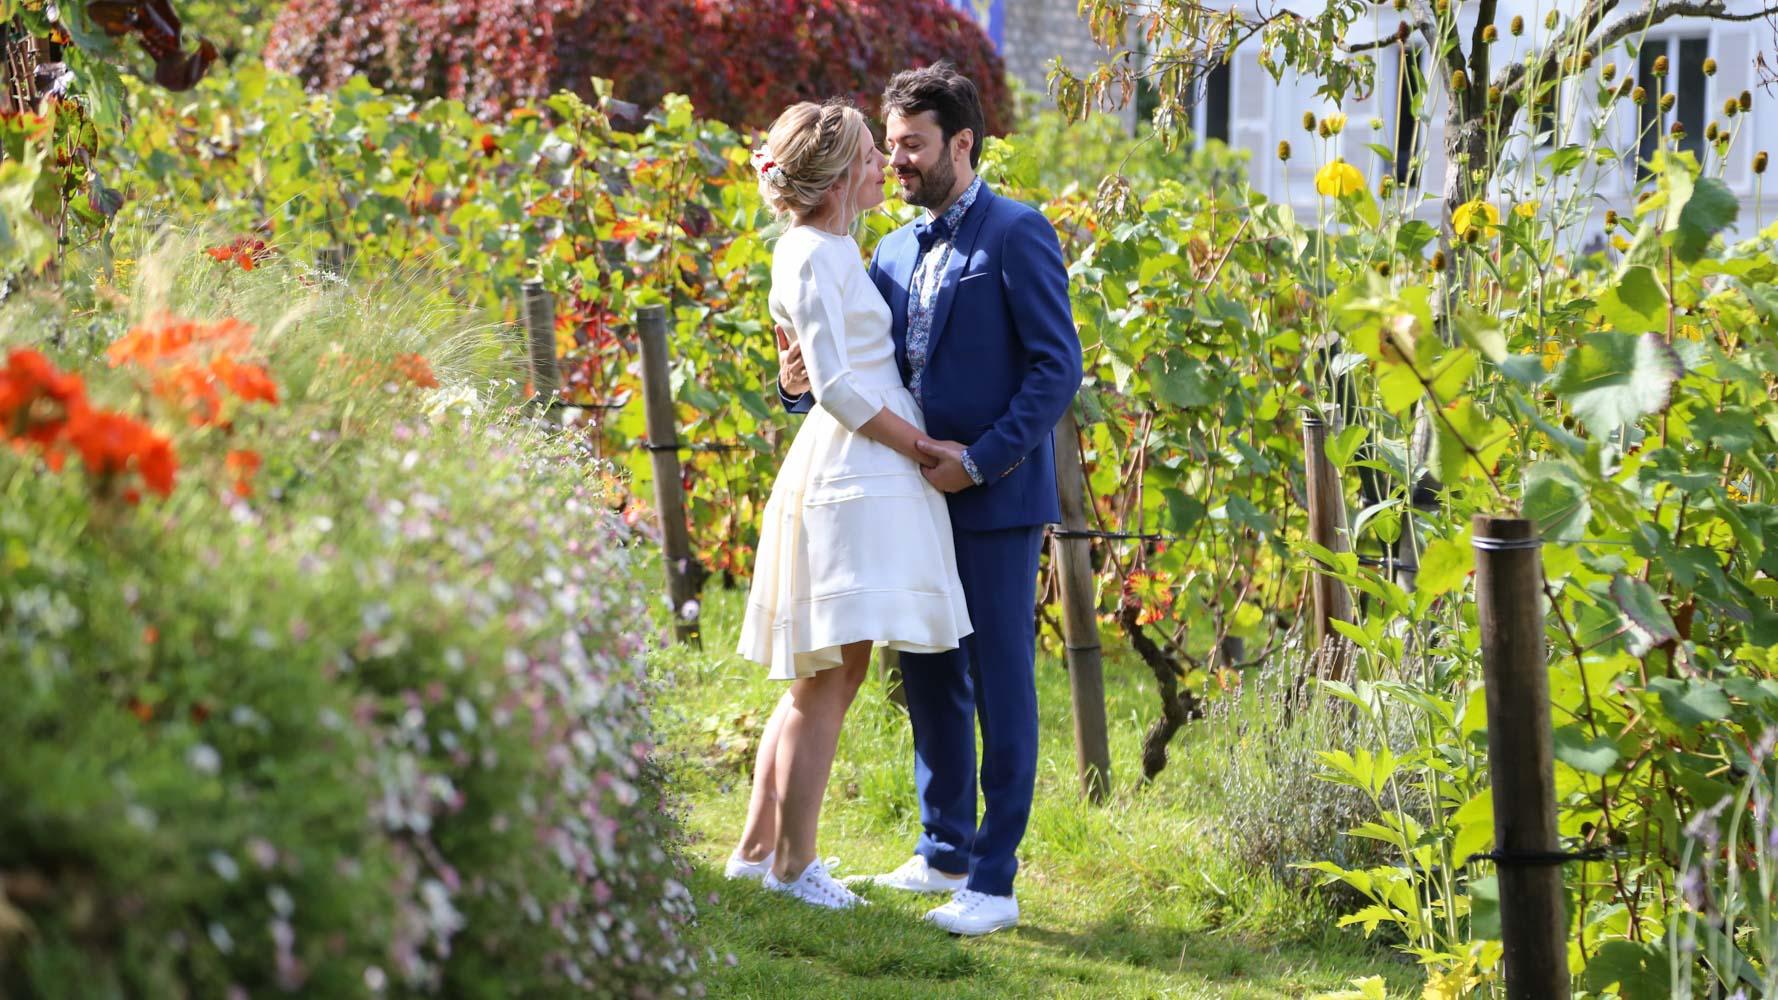 mariage-photo-musée-montmartre-paris-vigne-photographe-53